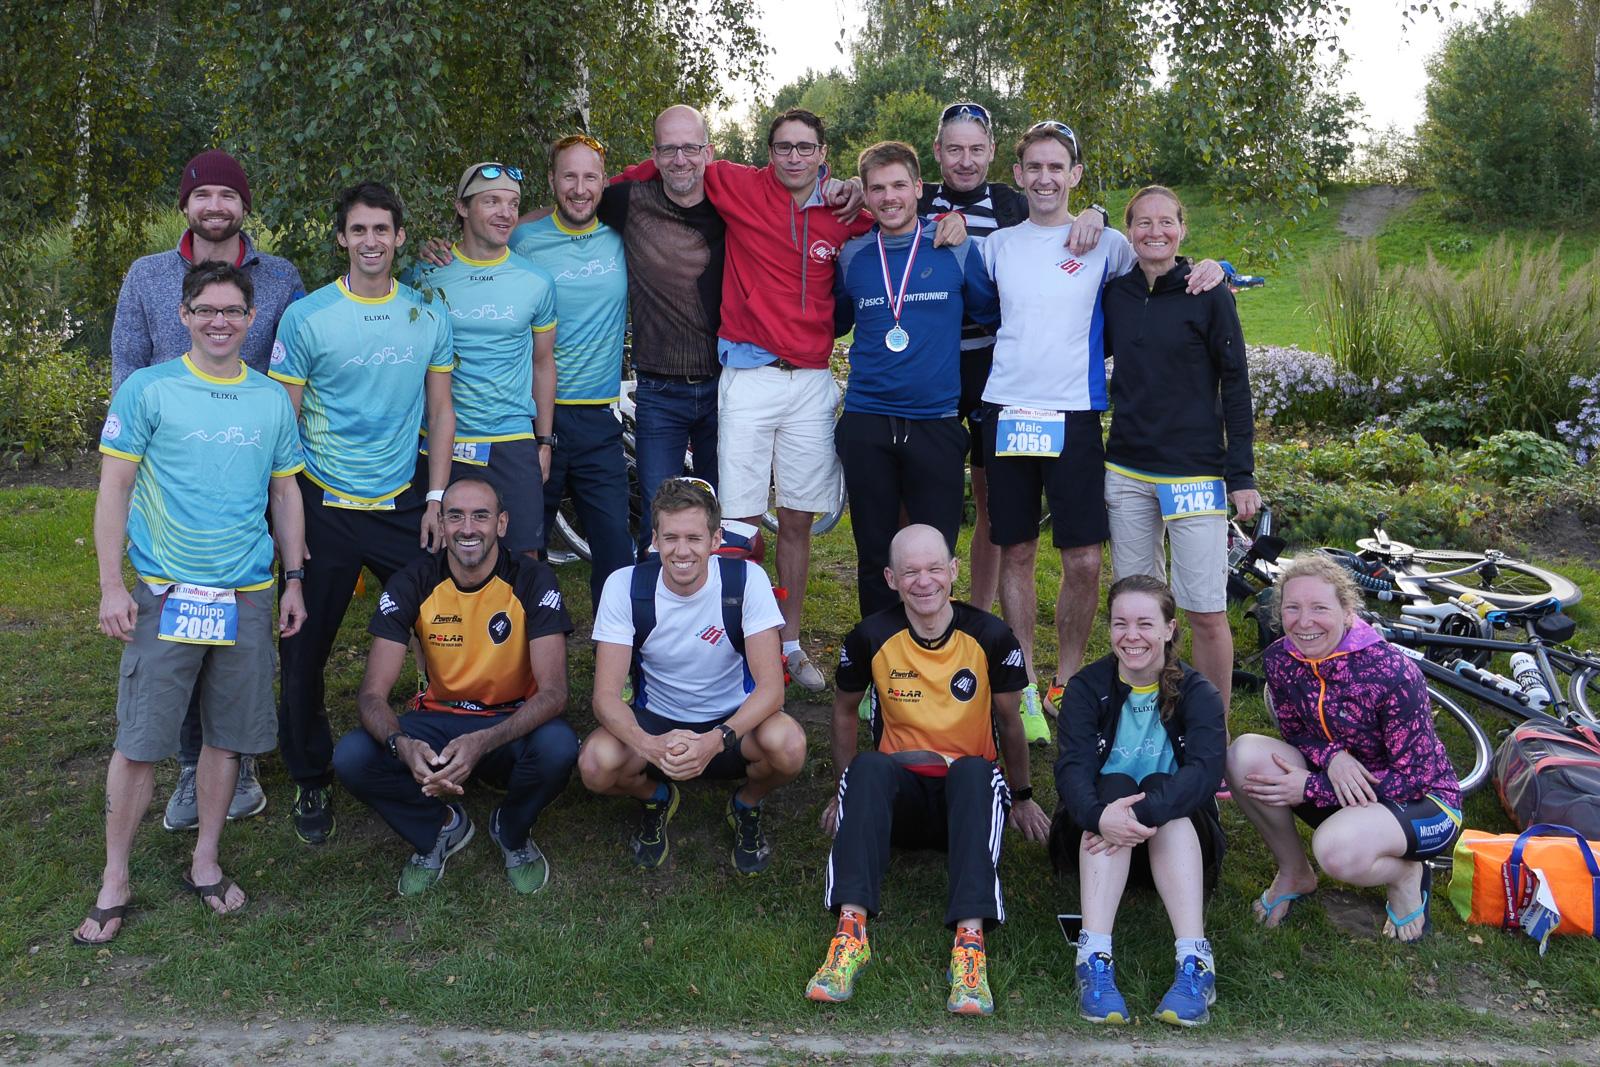 3. Platz Für Die Herren Und 8. Platz Für Die Damen Im Vierten Landesliga Wettkampf In Norderstedt